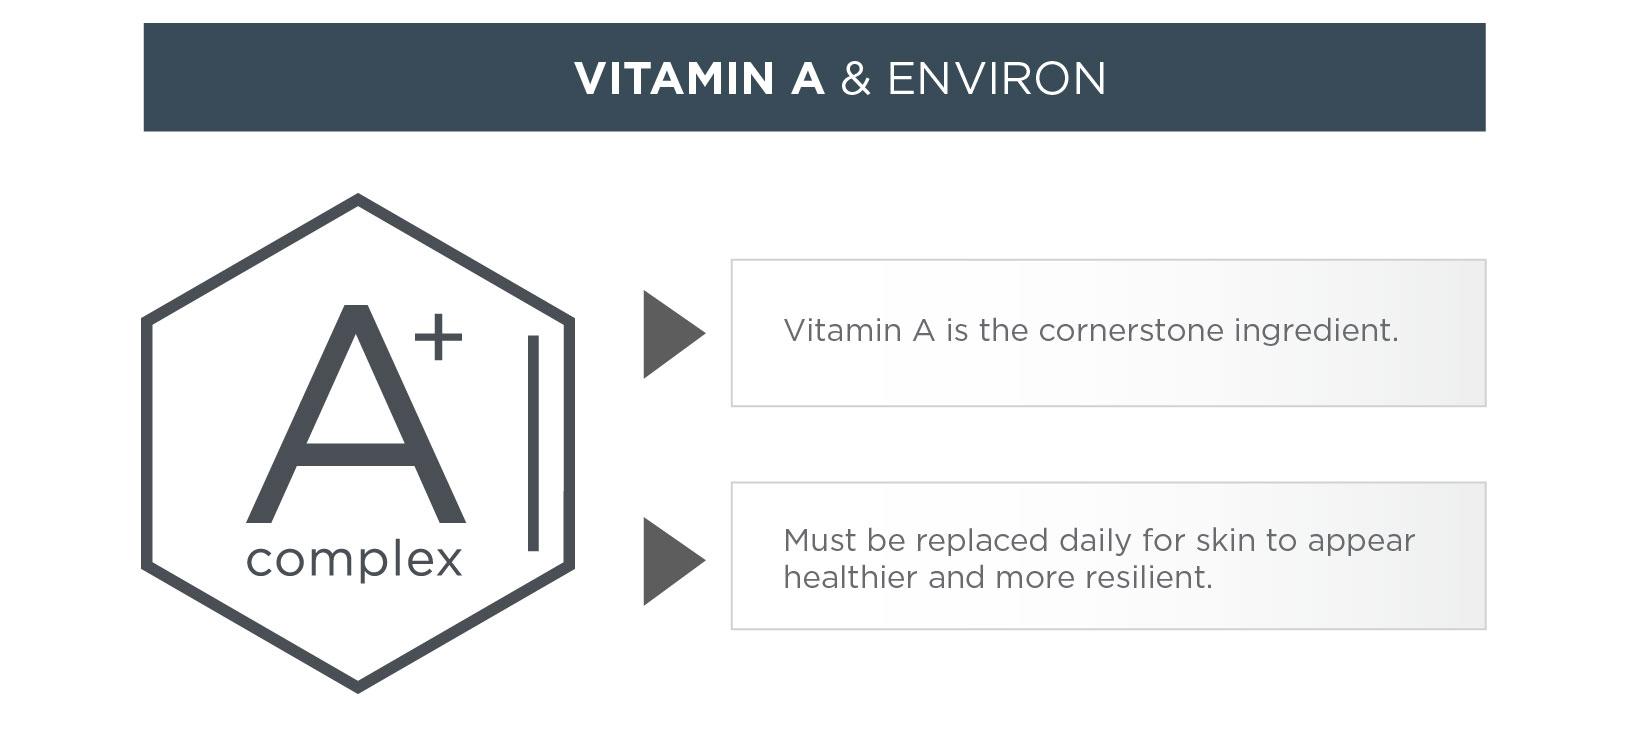 Vitamin A and Environ